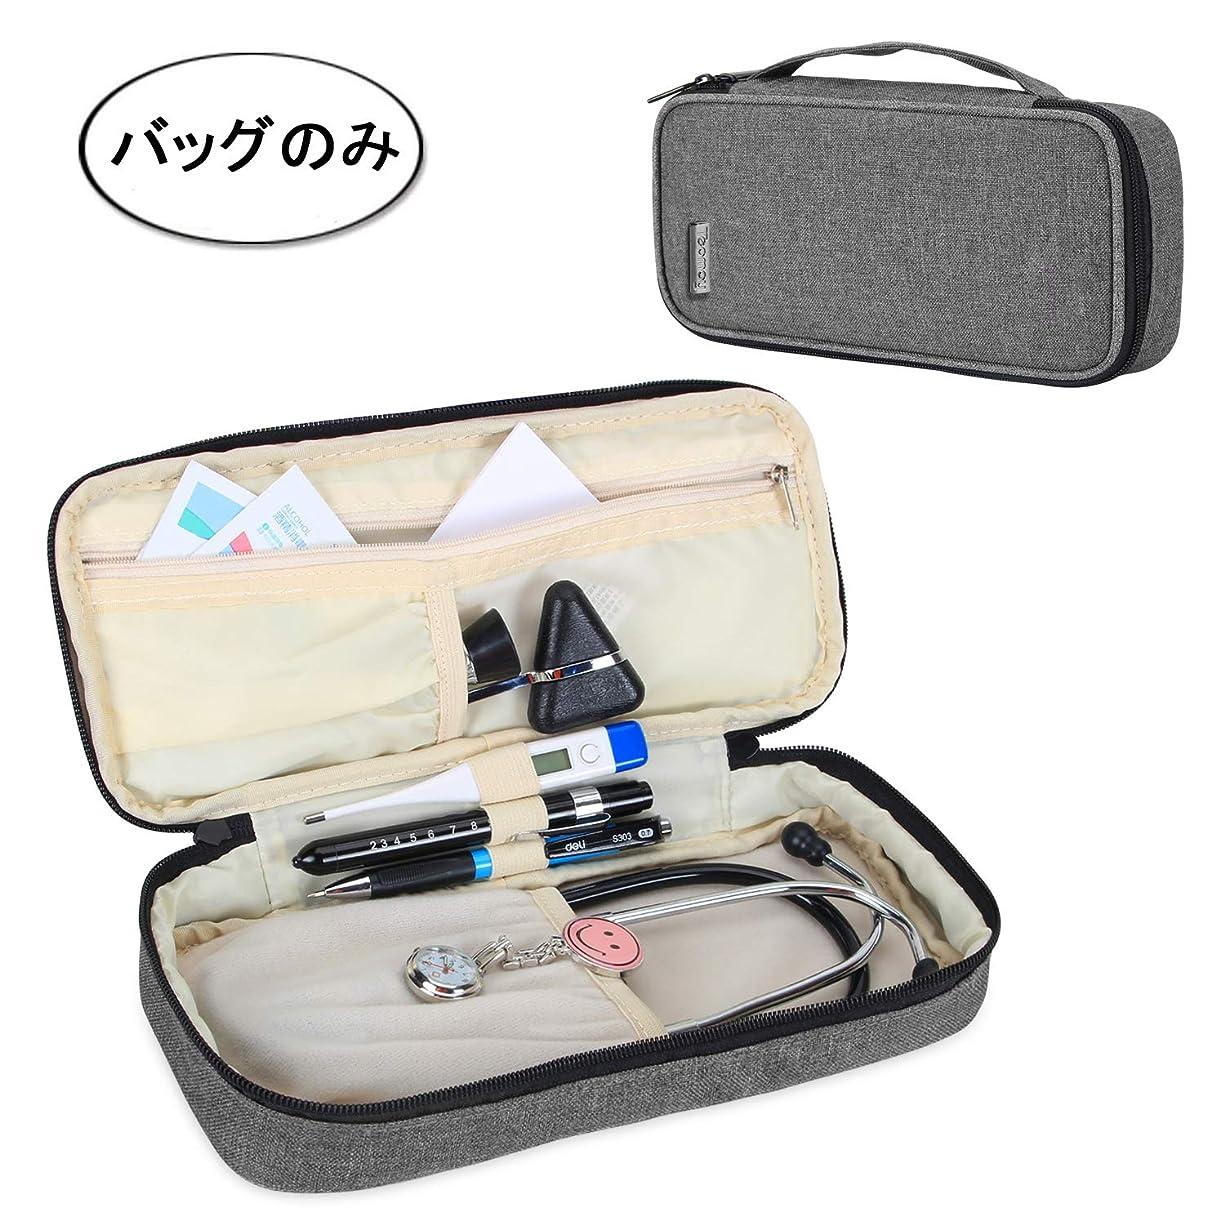 仕える独立浴室Teamoy 聴診器ケース 聴診器及び小物 保管用 グレー